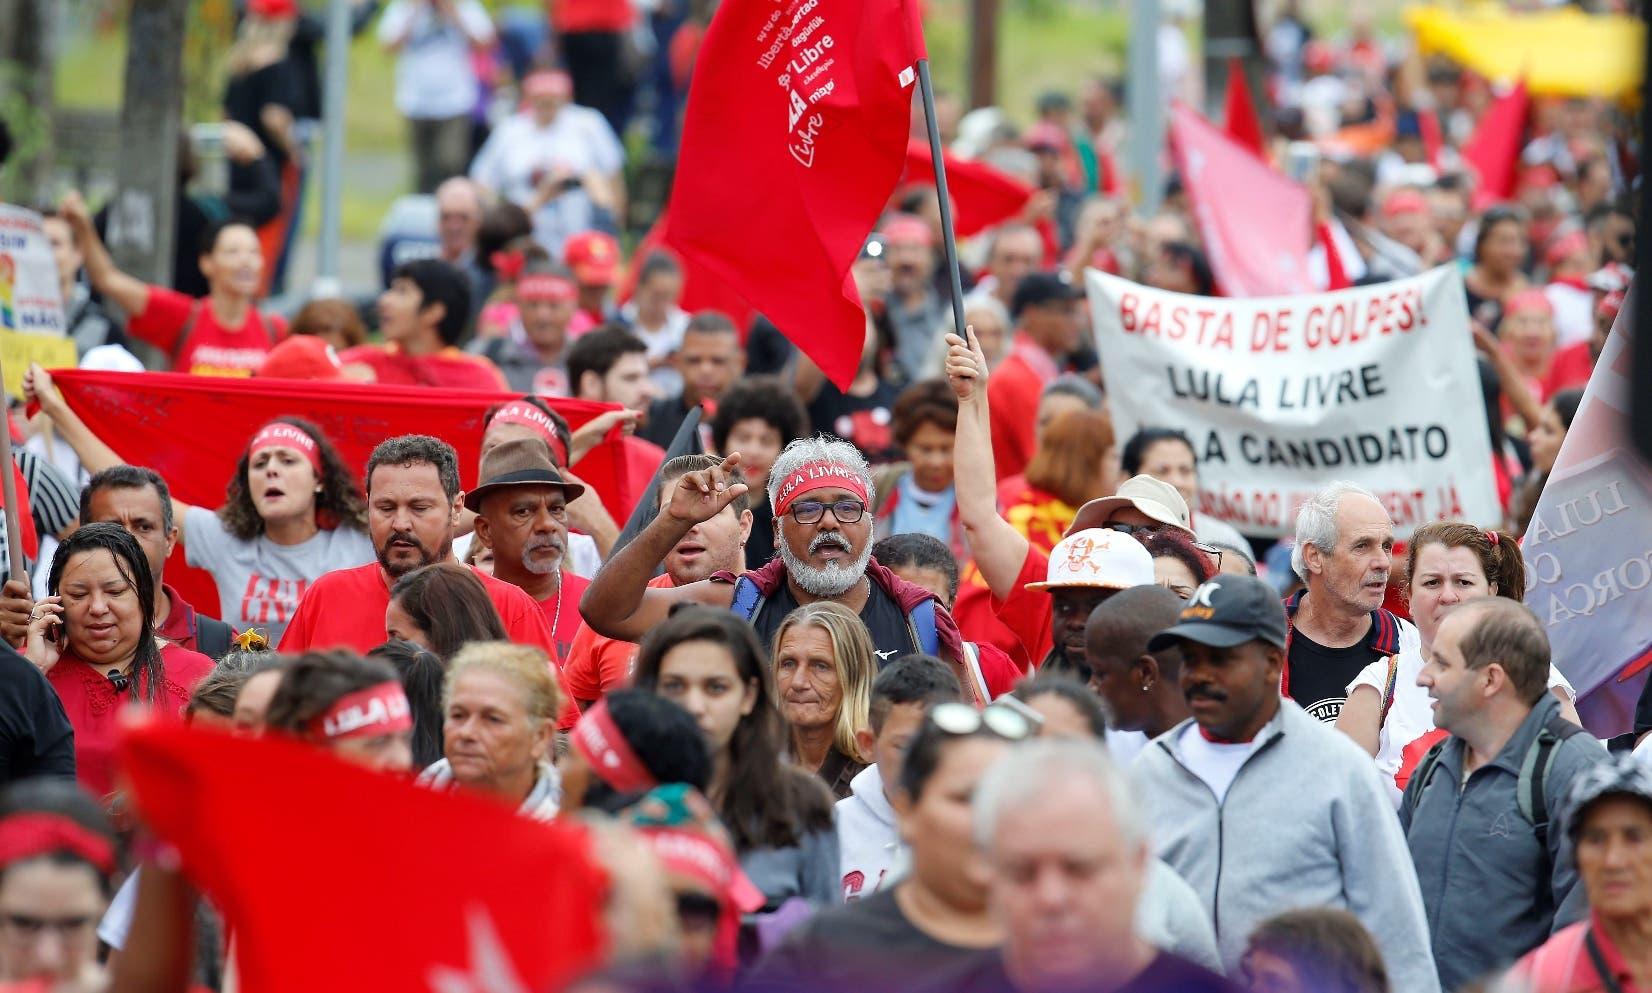 La mayor afluencia a favor del expresidente Luiz Inácio Lula da Silva  se vio en Sao Paulo, la ciudad más poblada de Brasil.